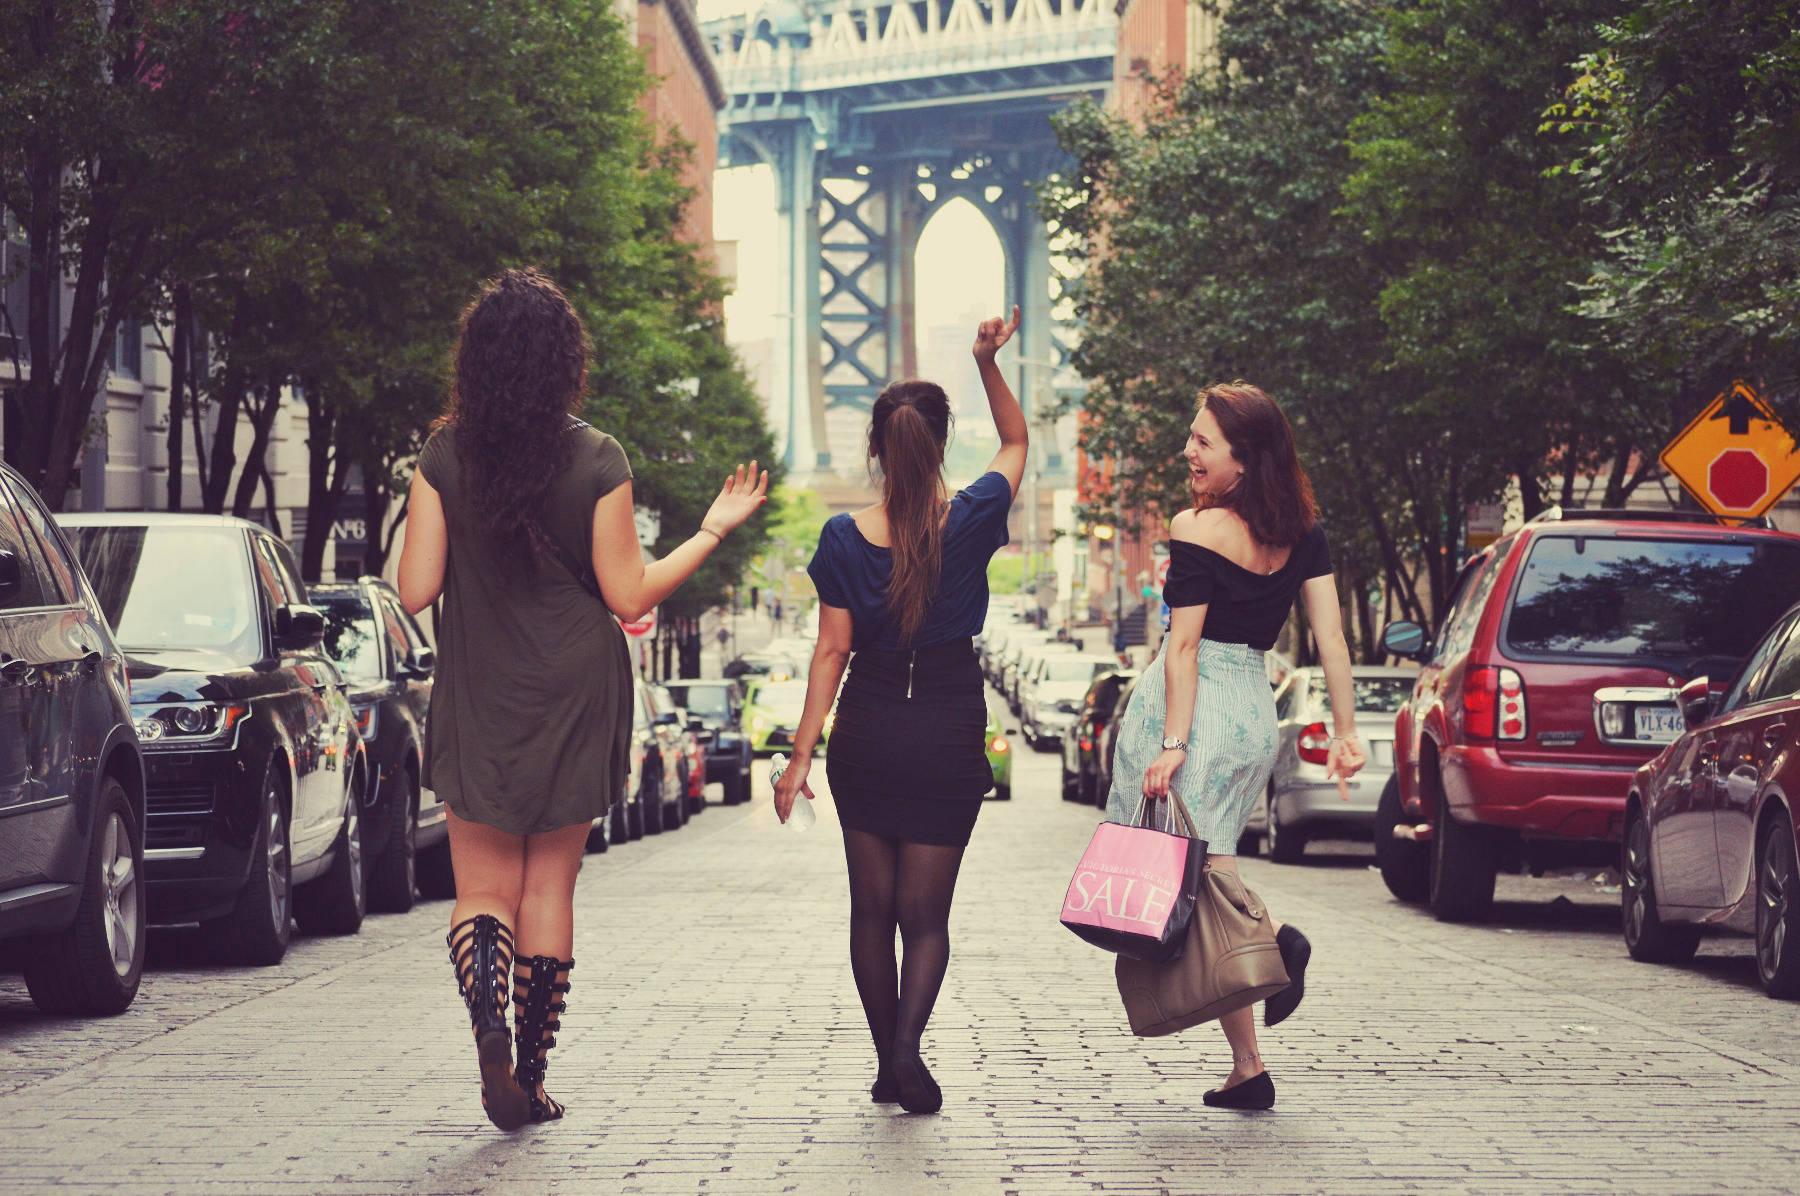 Women walking through street